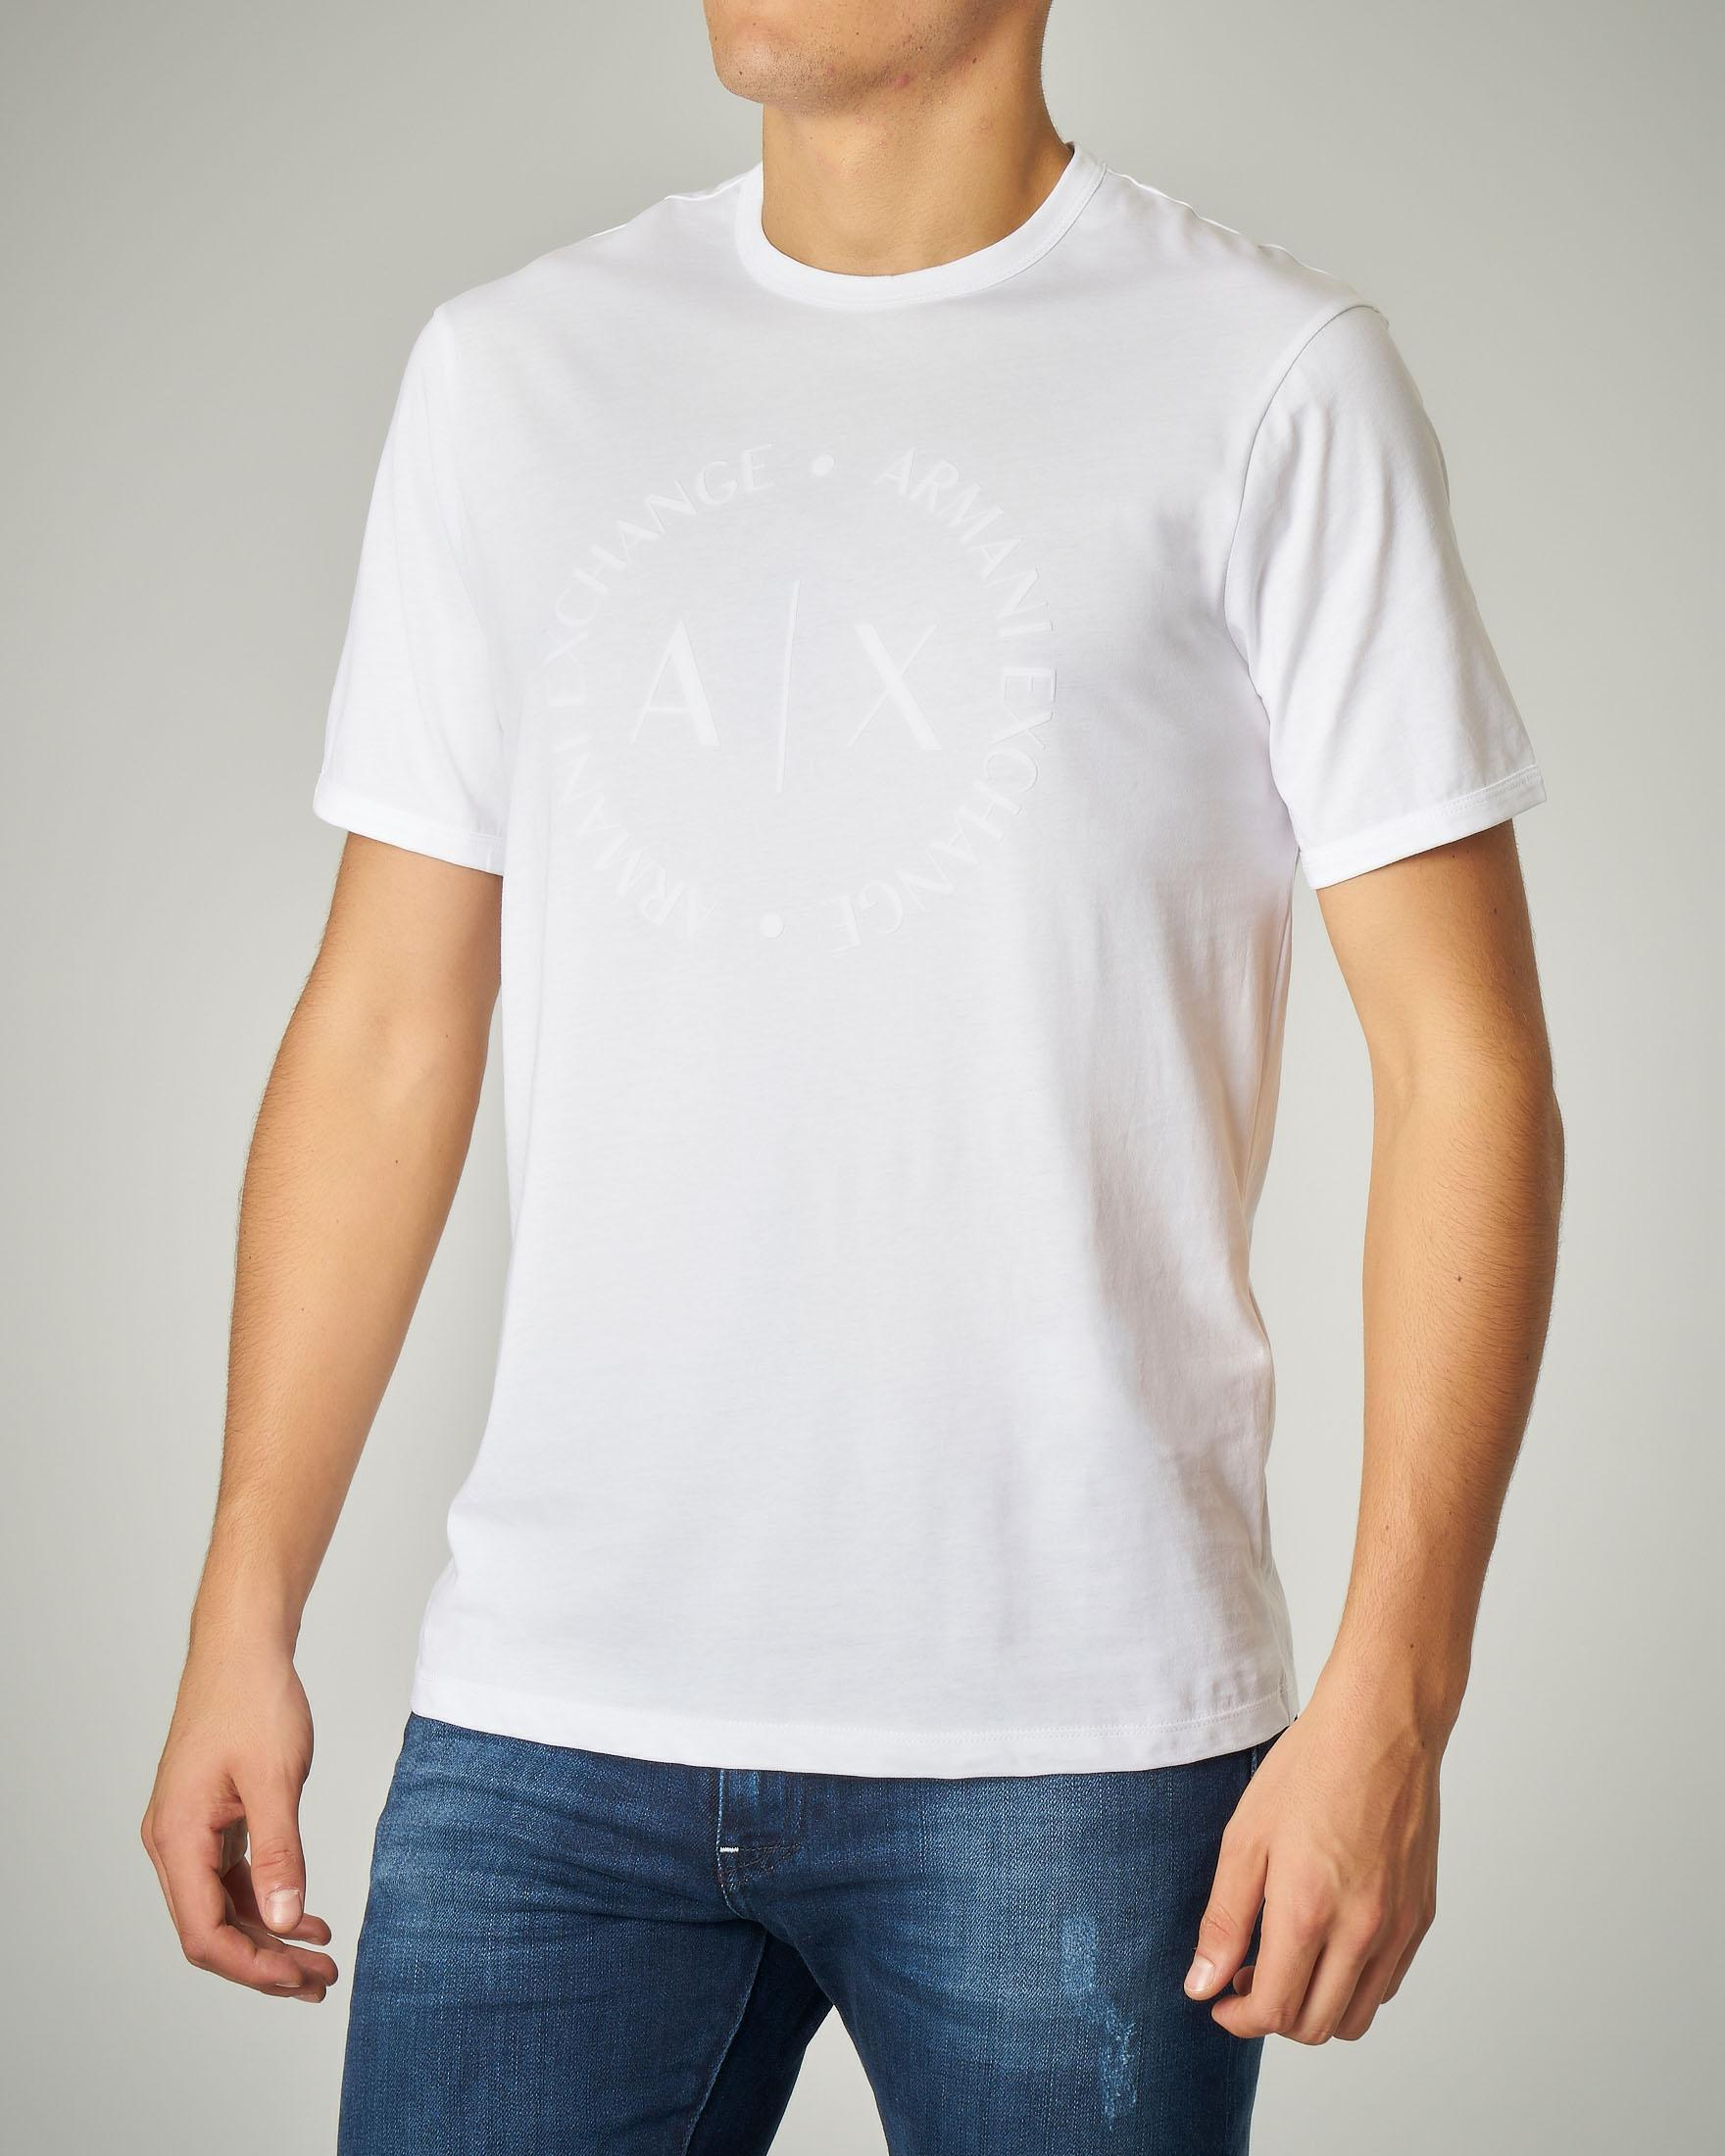 T-shirt bianca in cotone con logo floccato